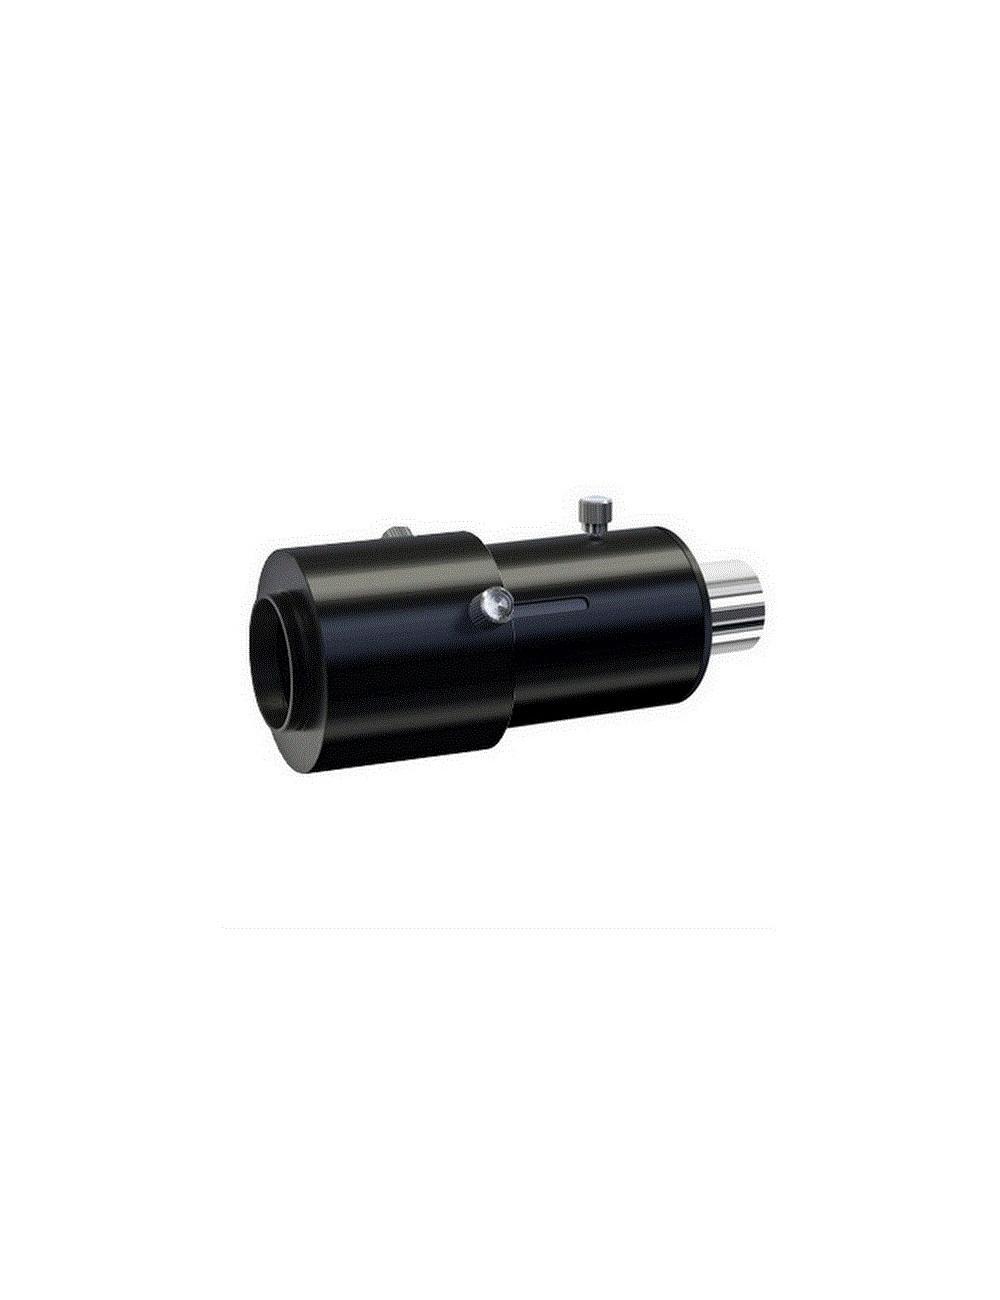 Adaptateur à tirage variable géant 31,75 mm Bresser